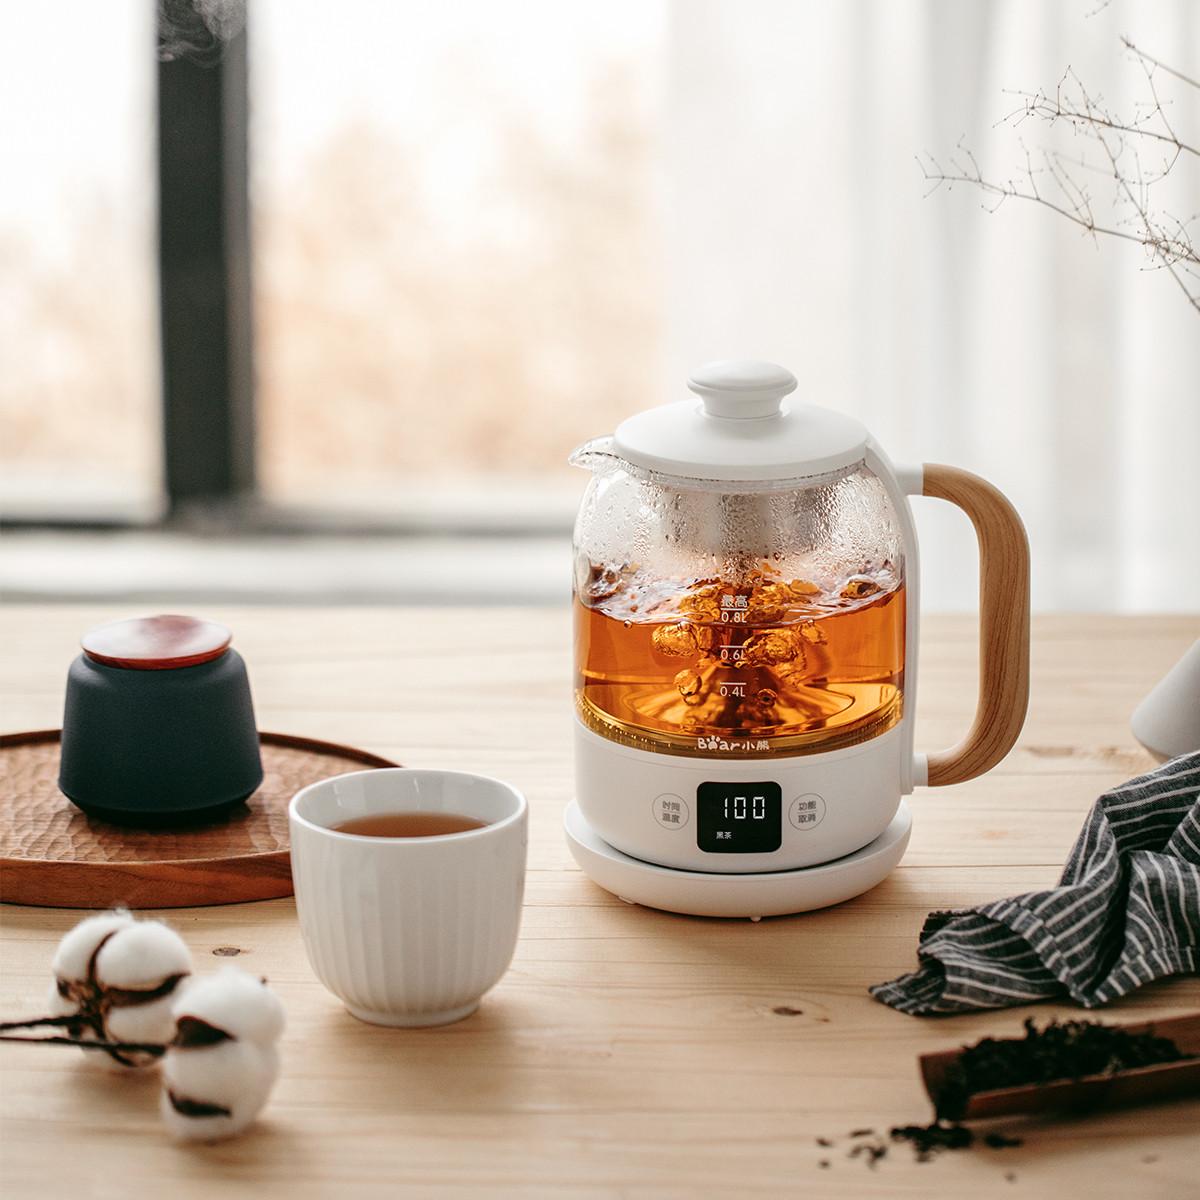 小熊煮茶器0.8L养生壶煮茶壶烧水壶电热水壶迷你蒸汽喷淋式茶壶